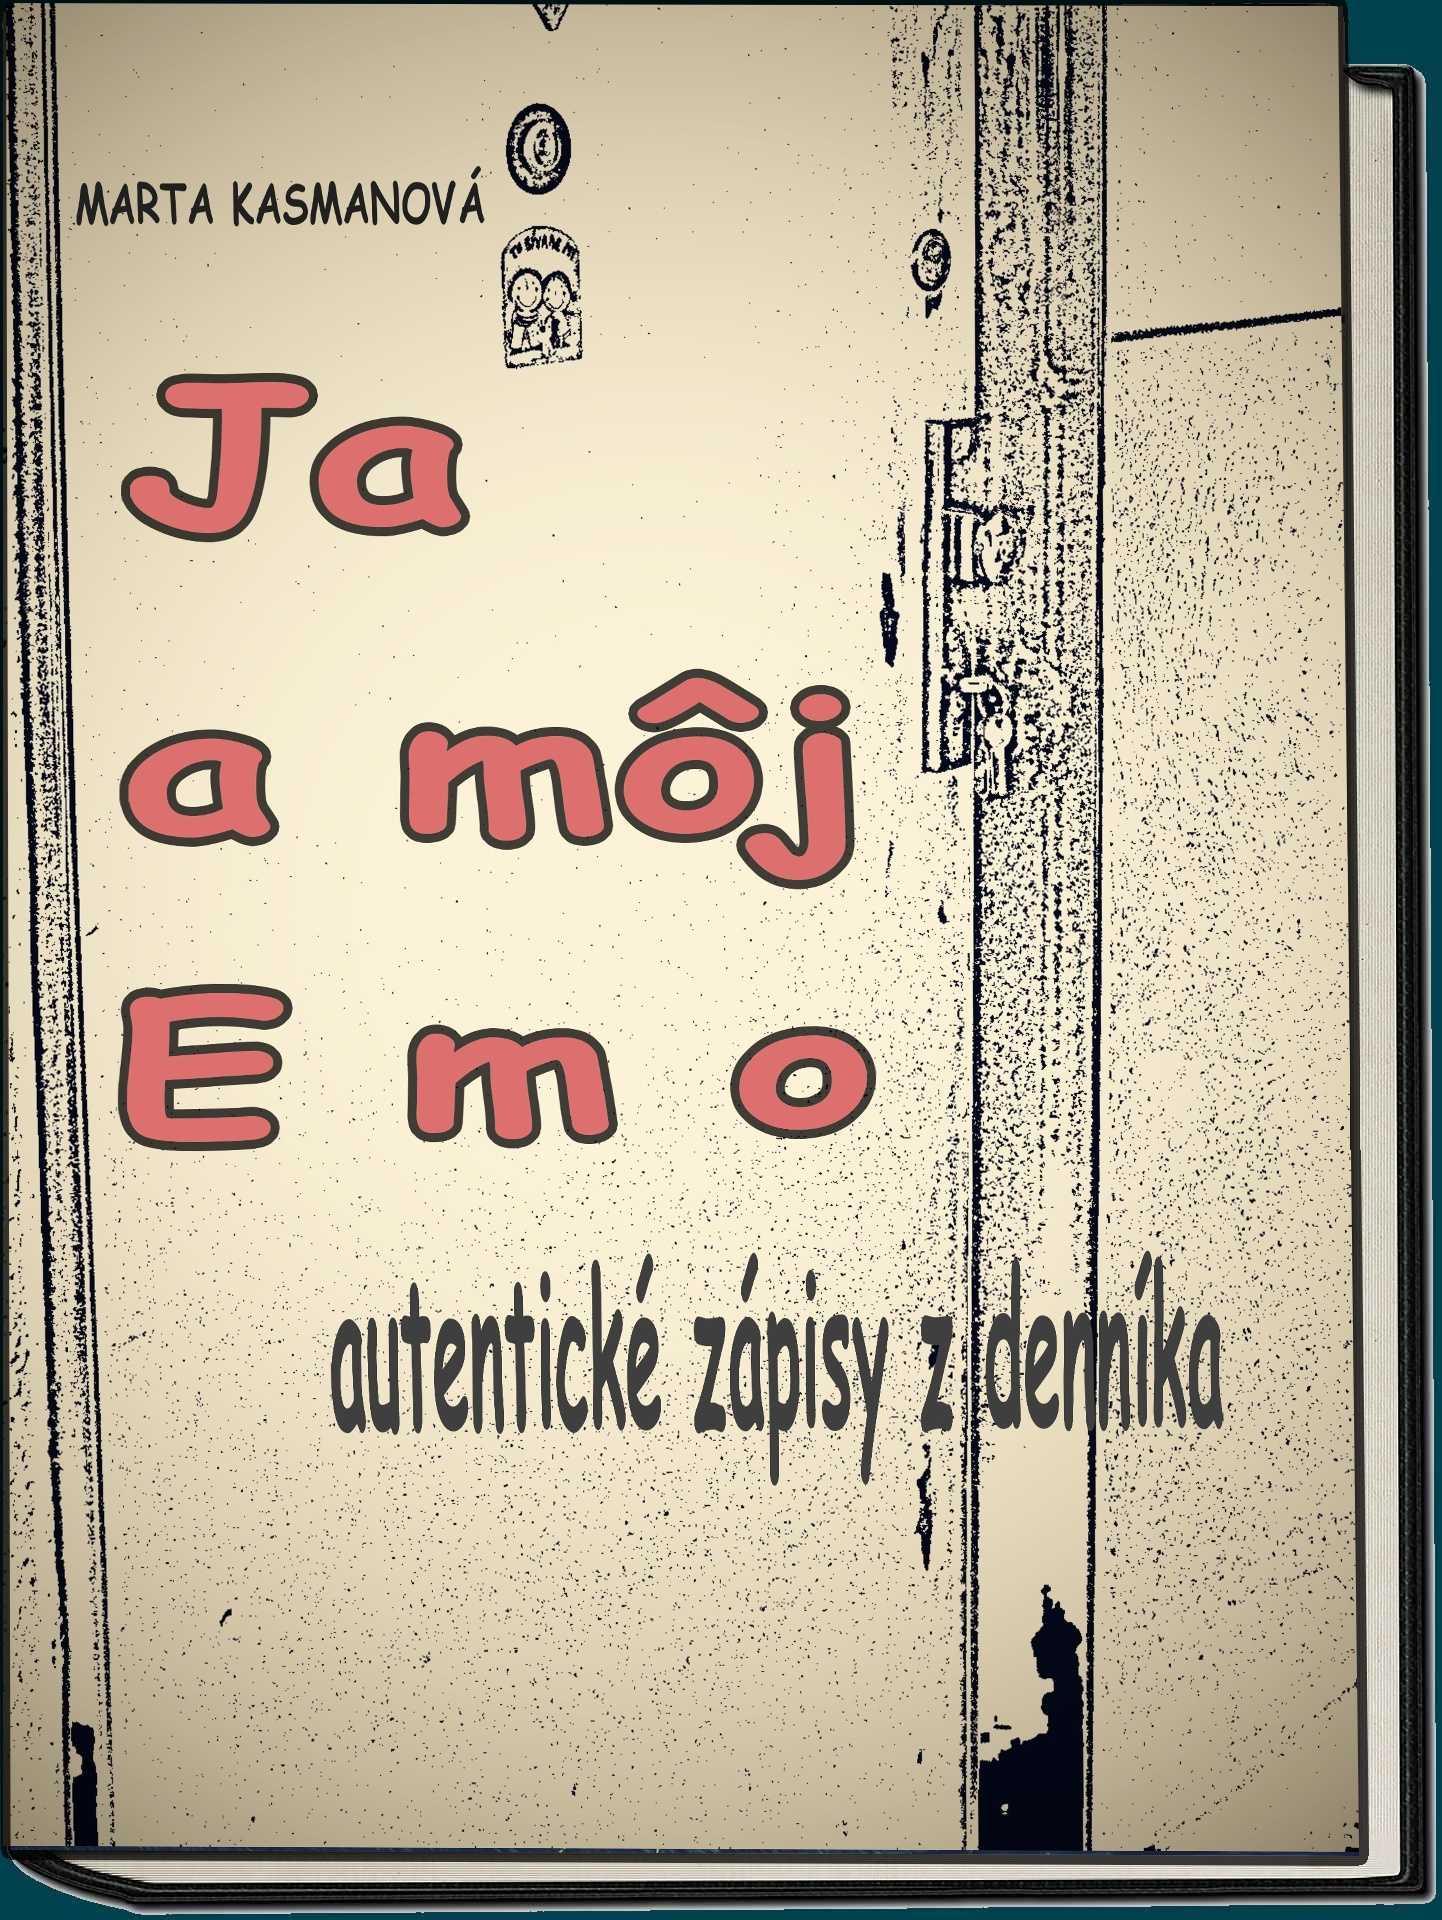 Ukážka z knihy Ja a môj Emo.